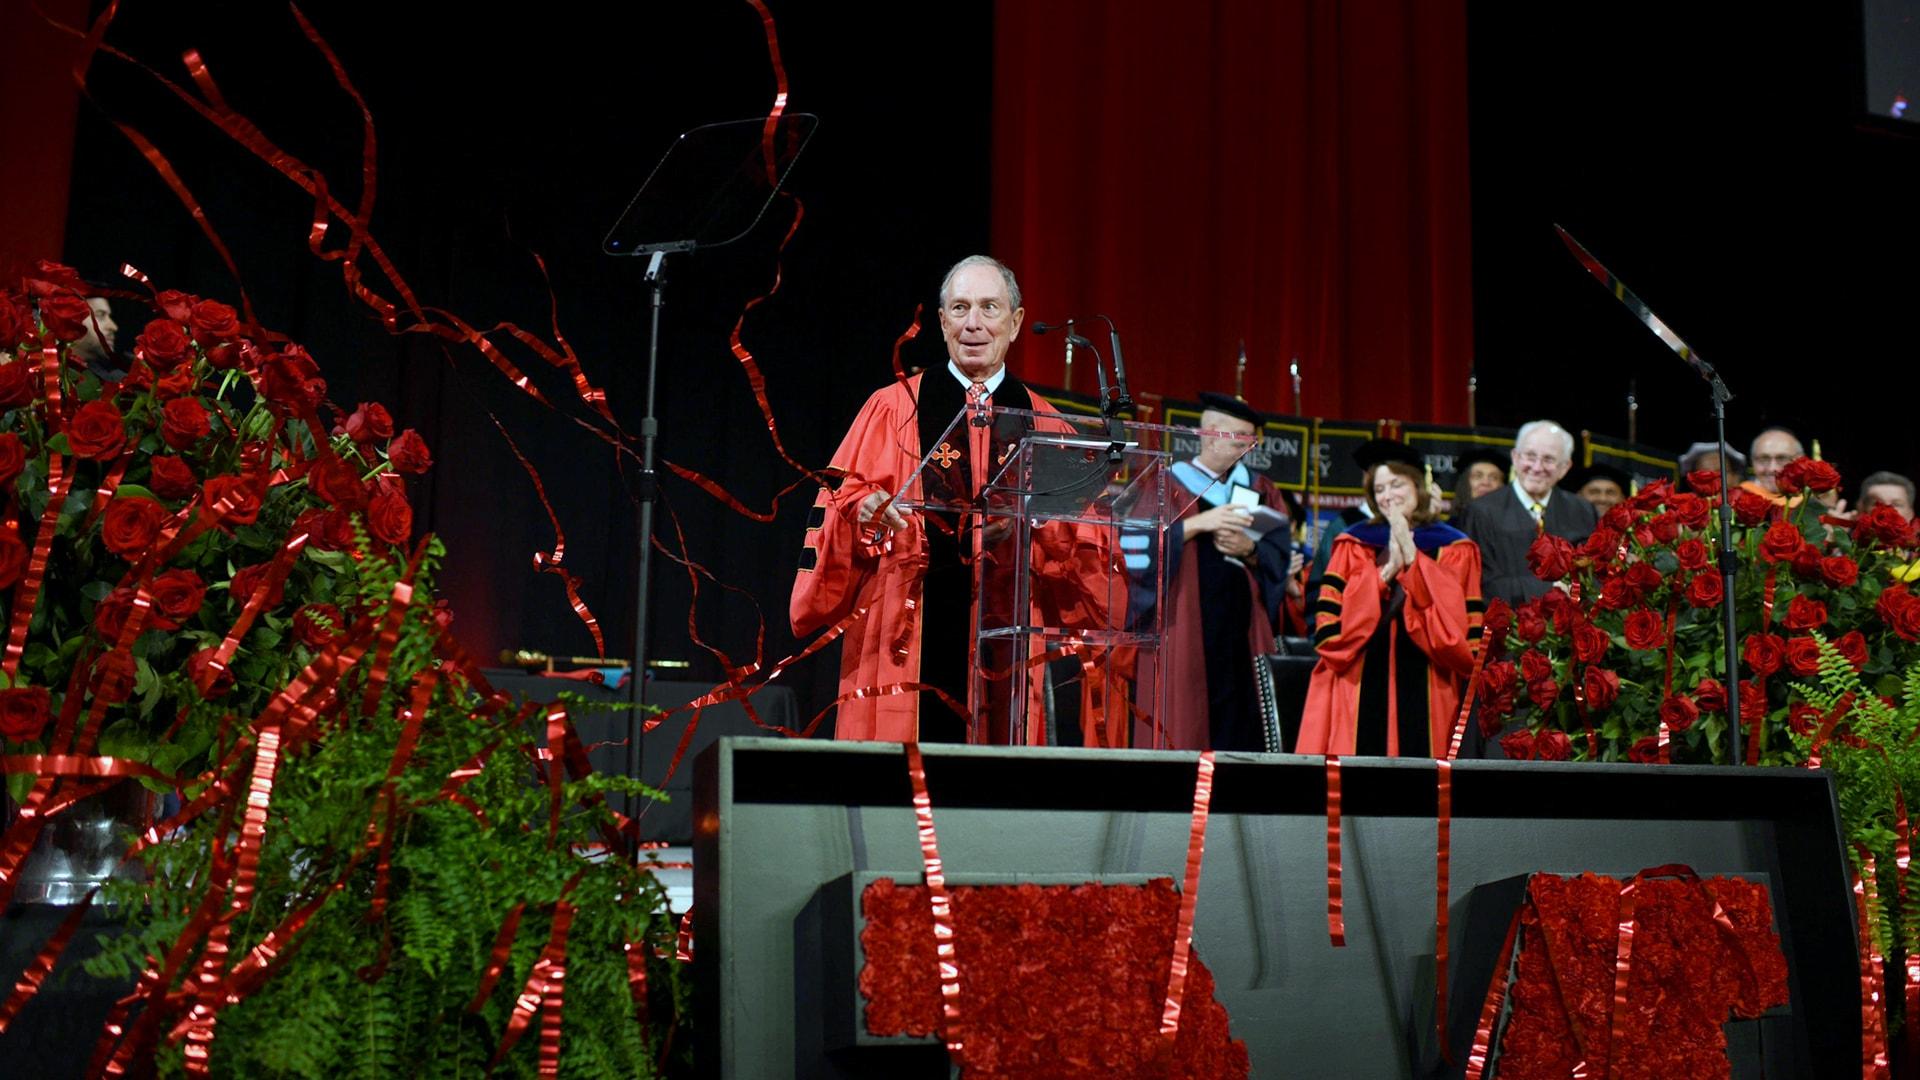 Bloomberg at graduation